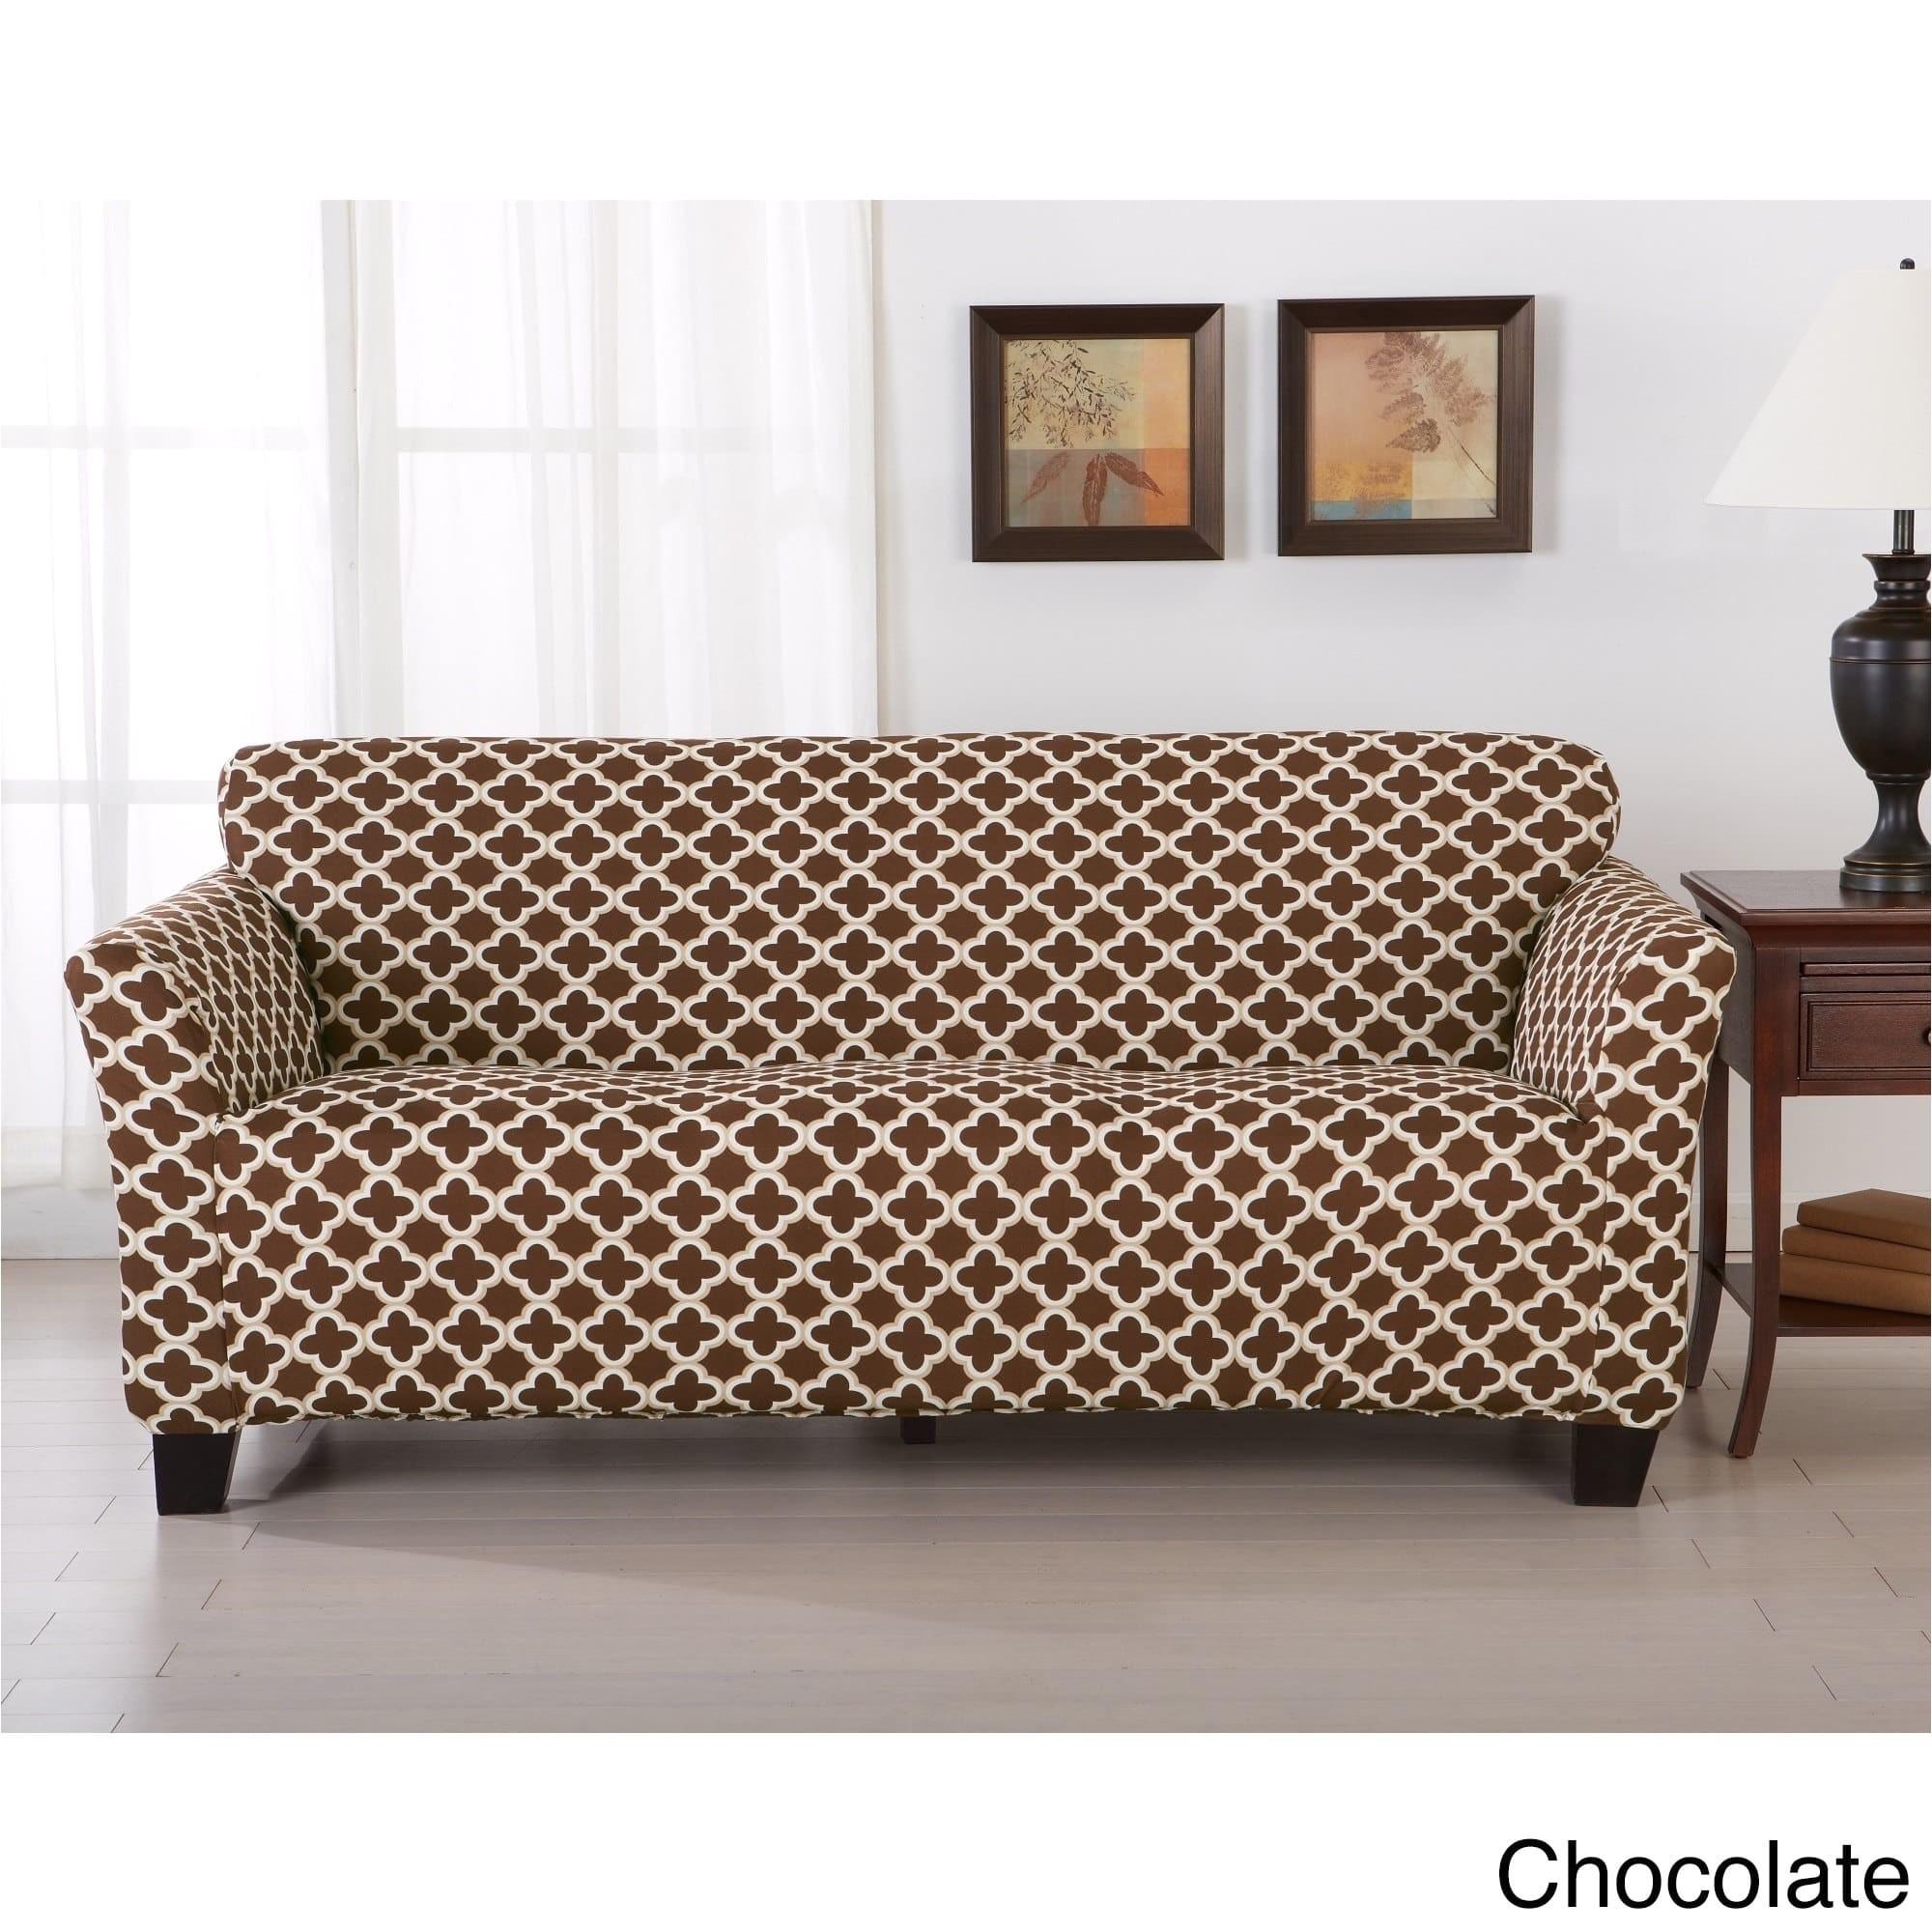 Ll Bean sofa Reviews Shop Home Fashion Designs Brenna Collection Trellis Print Stretch